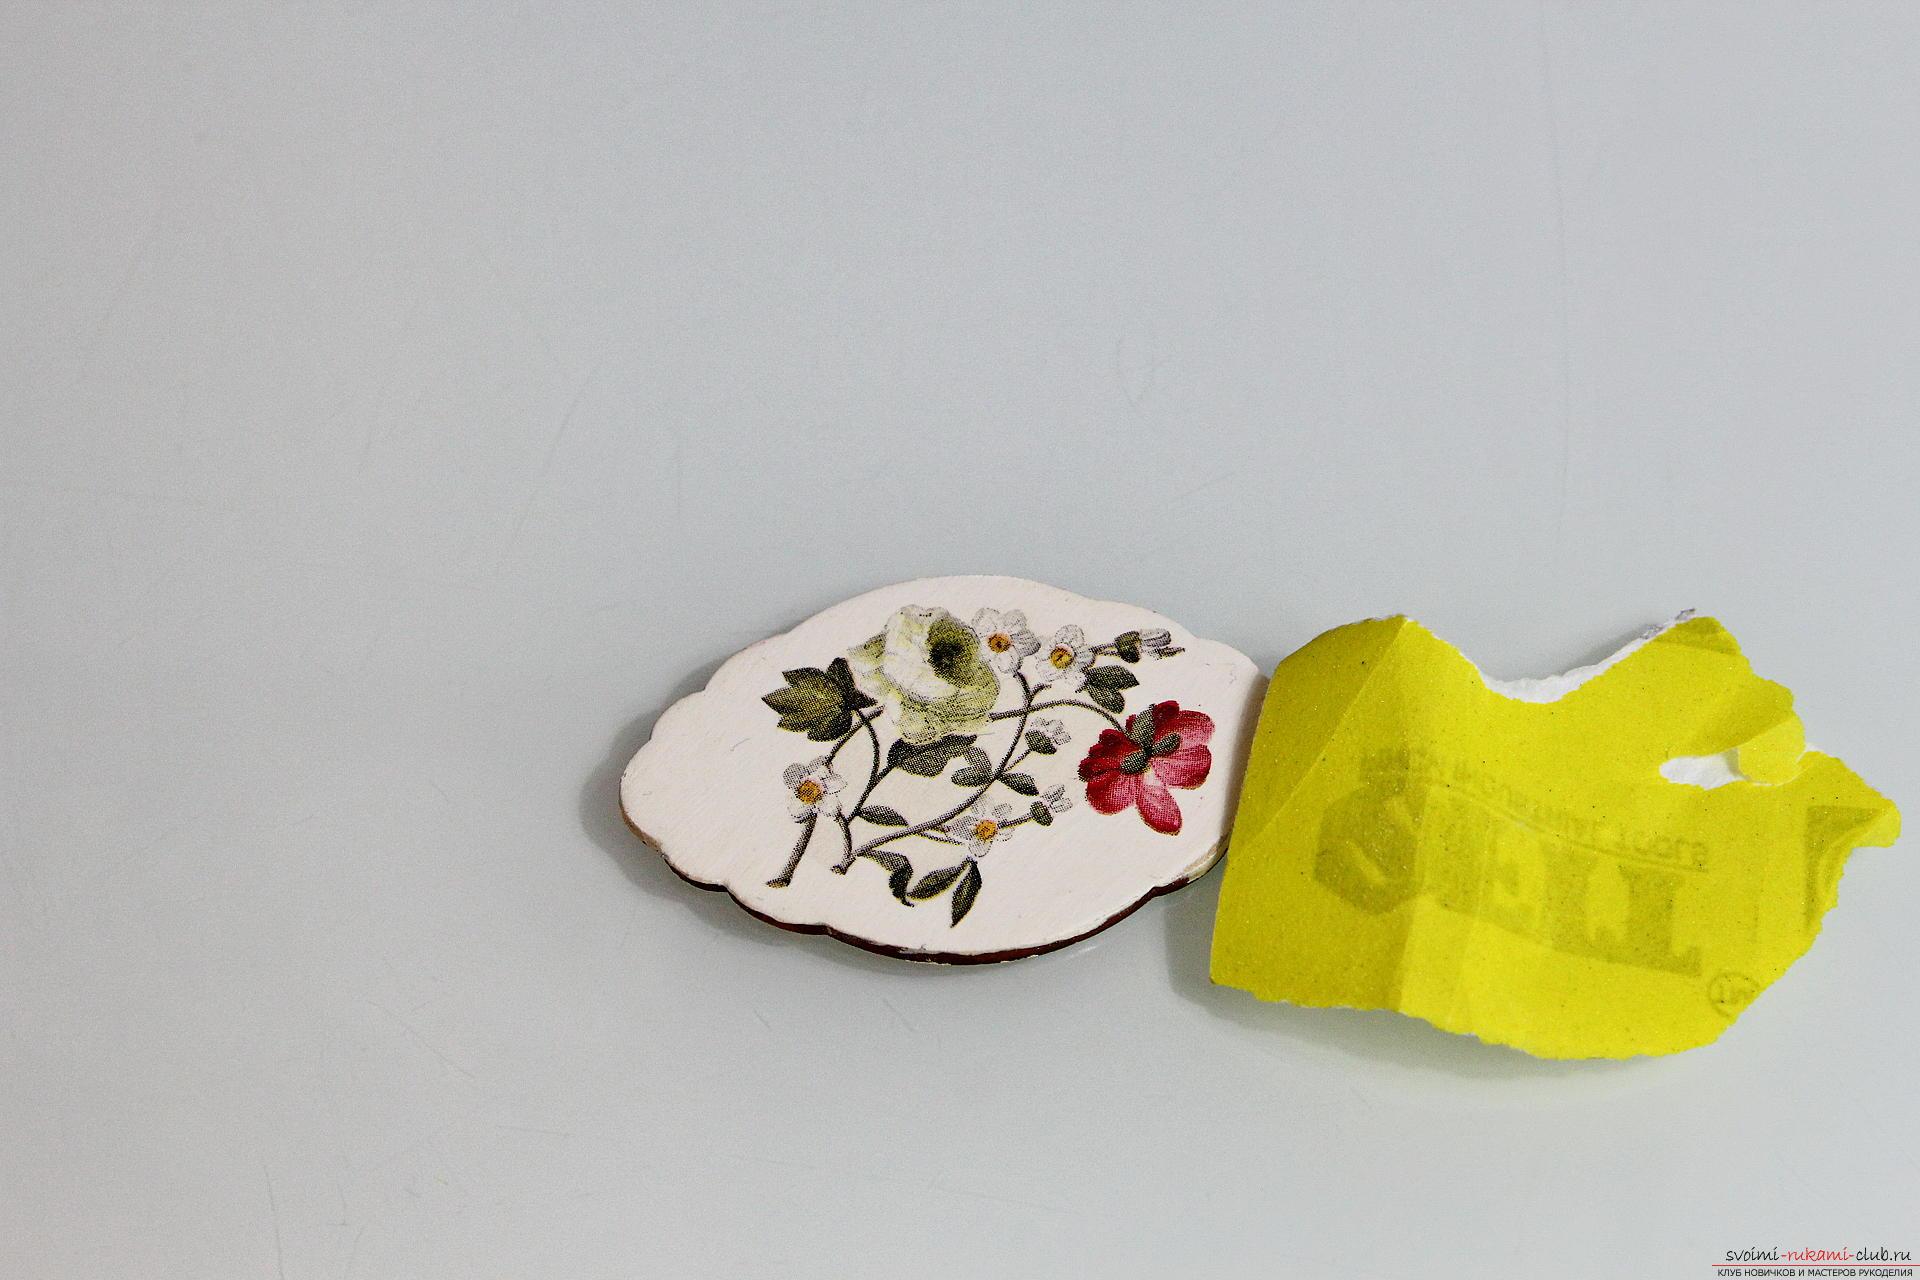 Мастер-класс описывает как декорируется разделочная доска своими руками с использованием техники декупаж.. Фото №12